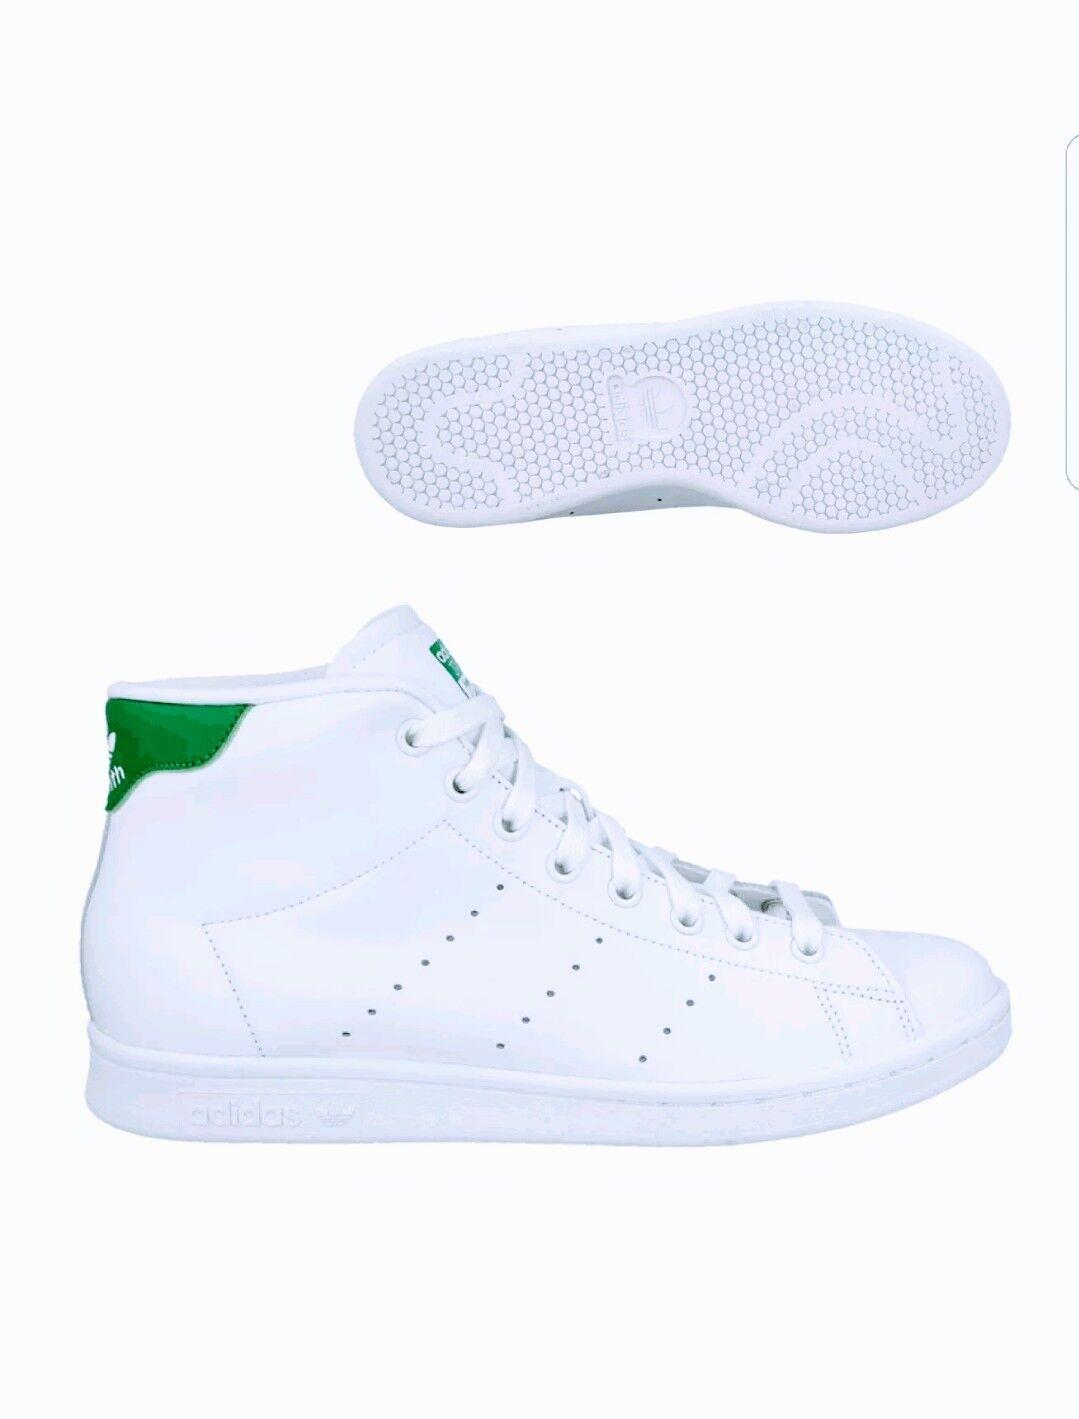 adidas mens hi top 13.5 stan smith ausbilder schuhgröße 13.5 top weiß - grüne rrp - 99 736203